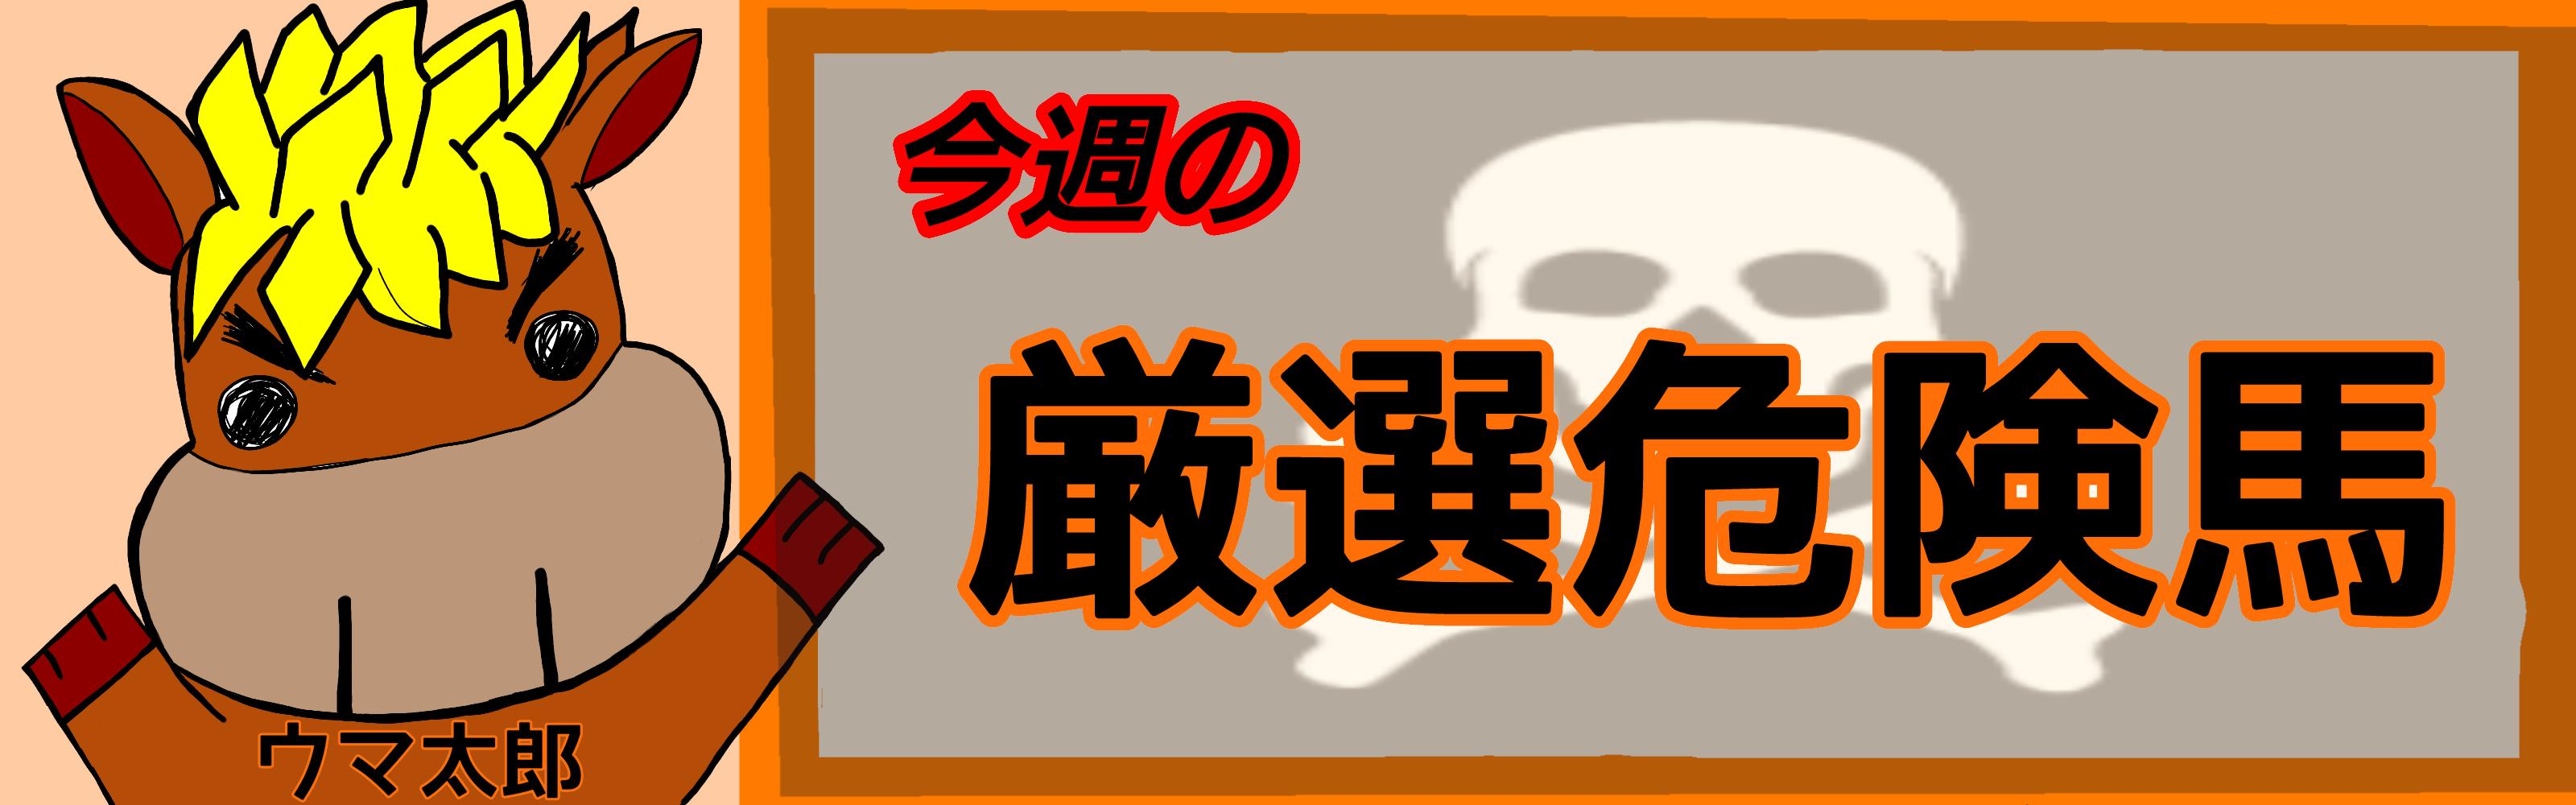 ※1/16更新 今週の厳選危険馬